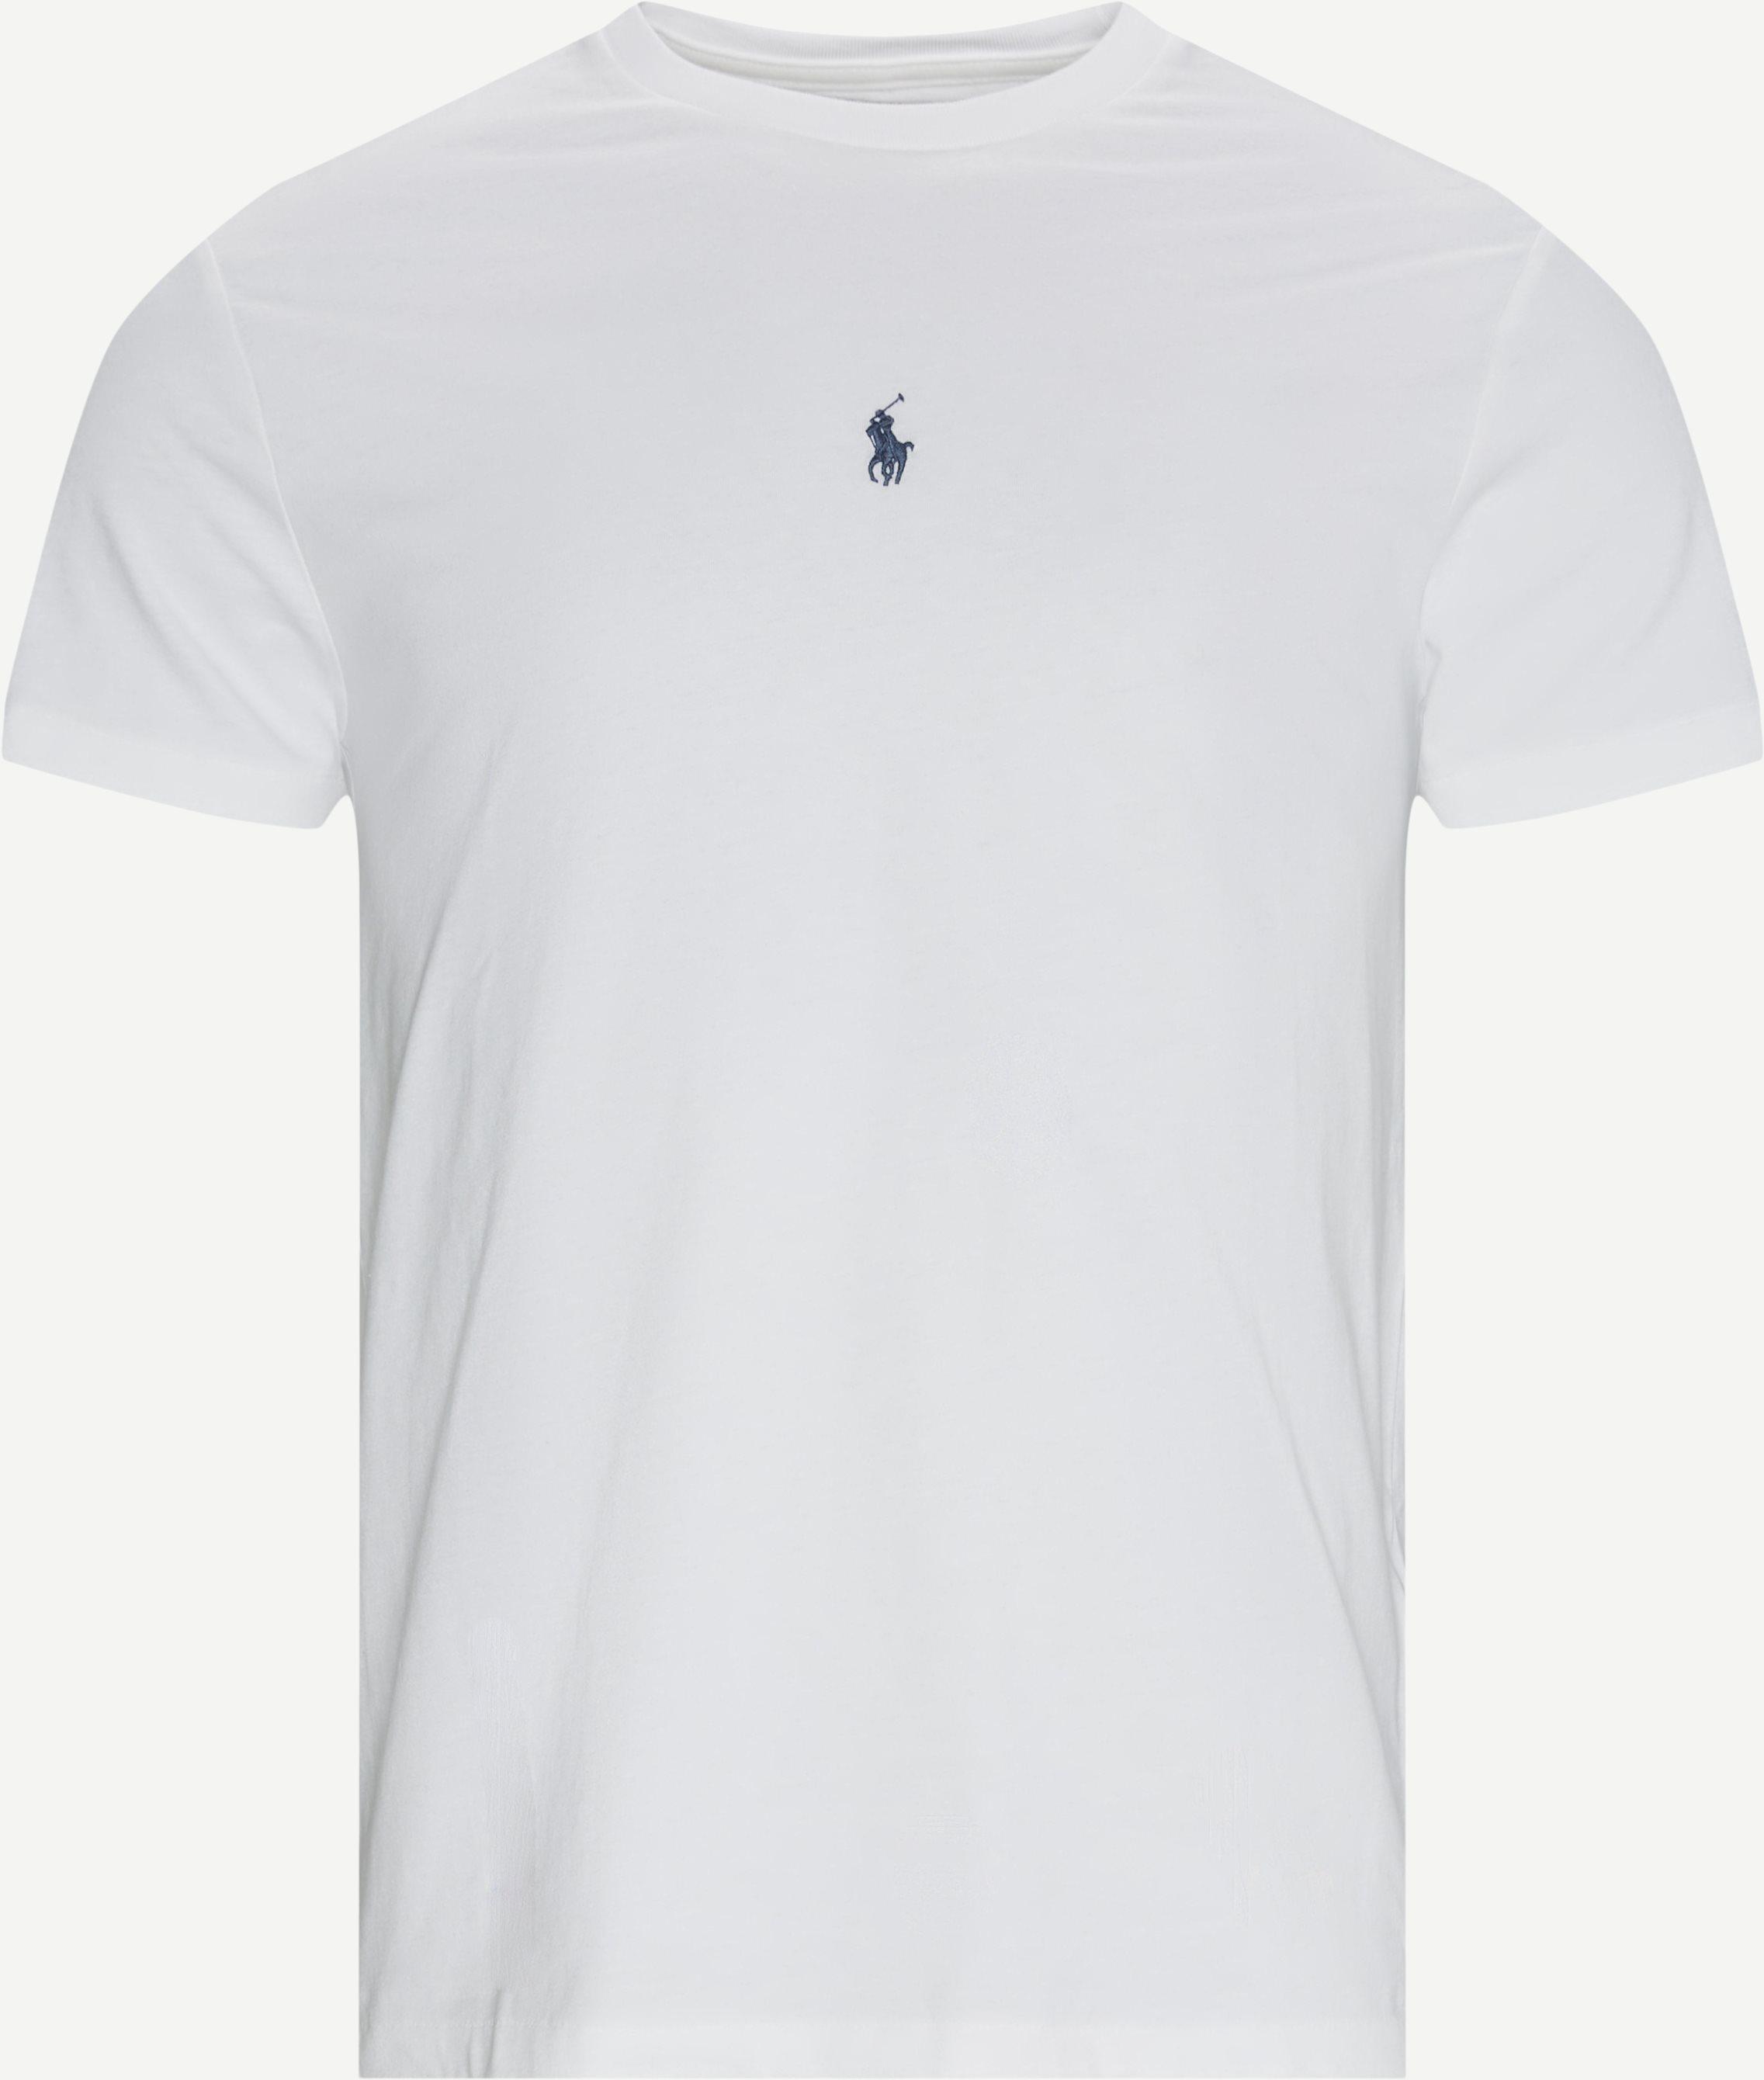 Logo T-shirt - T-shirts - Slim fit - Hvid